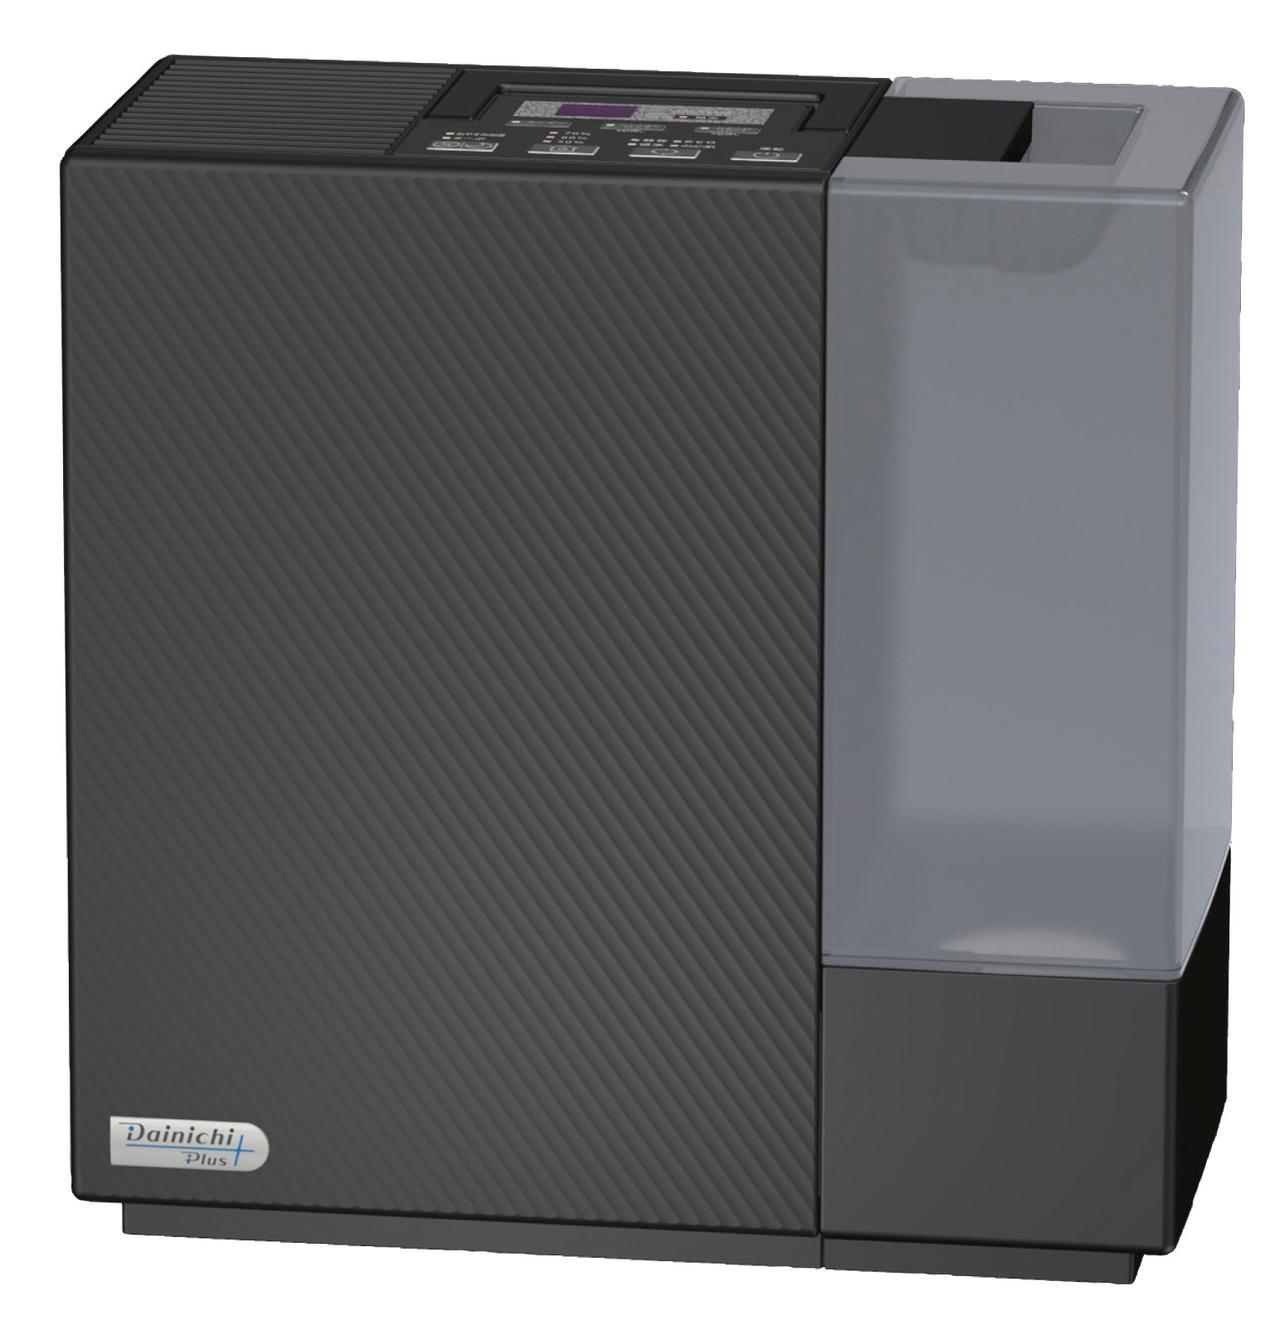 画像: シックでモダンなデザイン性と、業界トップの静音性で、高い支持を誇るモデル。1%刻みの加湿表示や持ち運びに便利な取っ手など、親切設計も満載。保証期間が3年と長いのも特徴。●タンク容量/5.0L●消費電力(最大~最小、50/60Hz)/170W(ターボ)~11W/12W(eco)●サイズ/幅375㎜×高さ375㎜×奥行き175㎜●重量/4.6kg